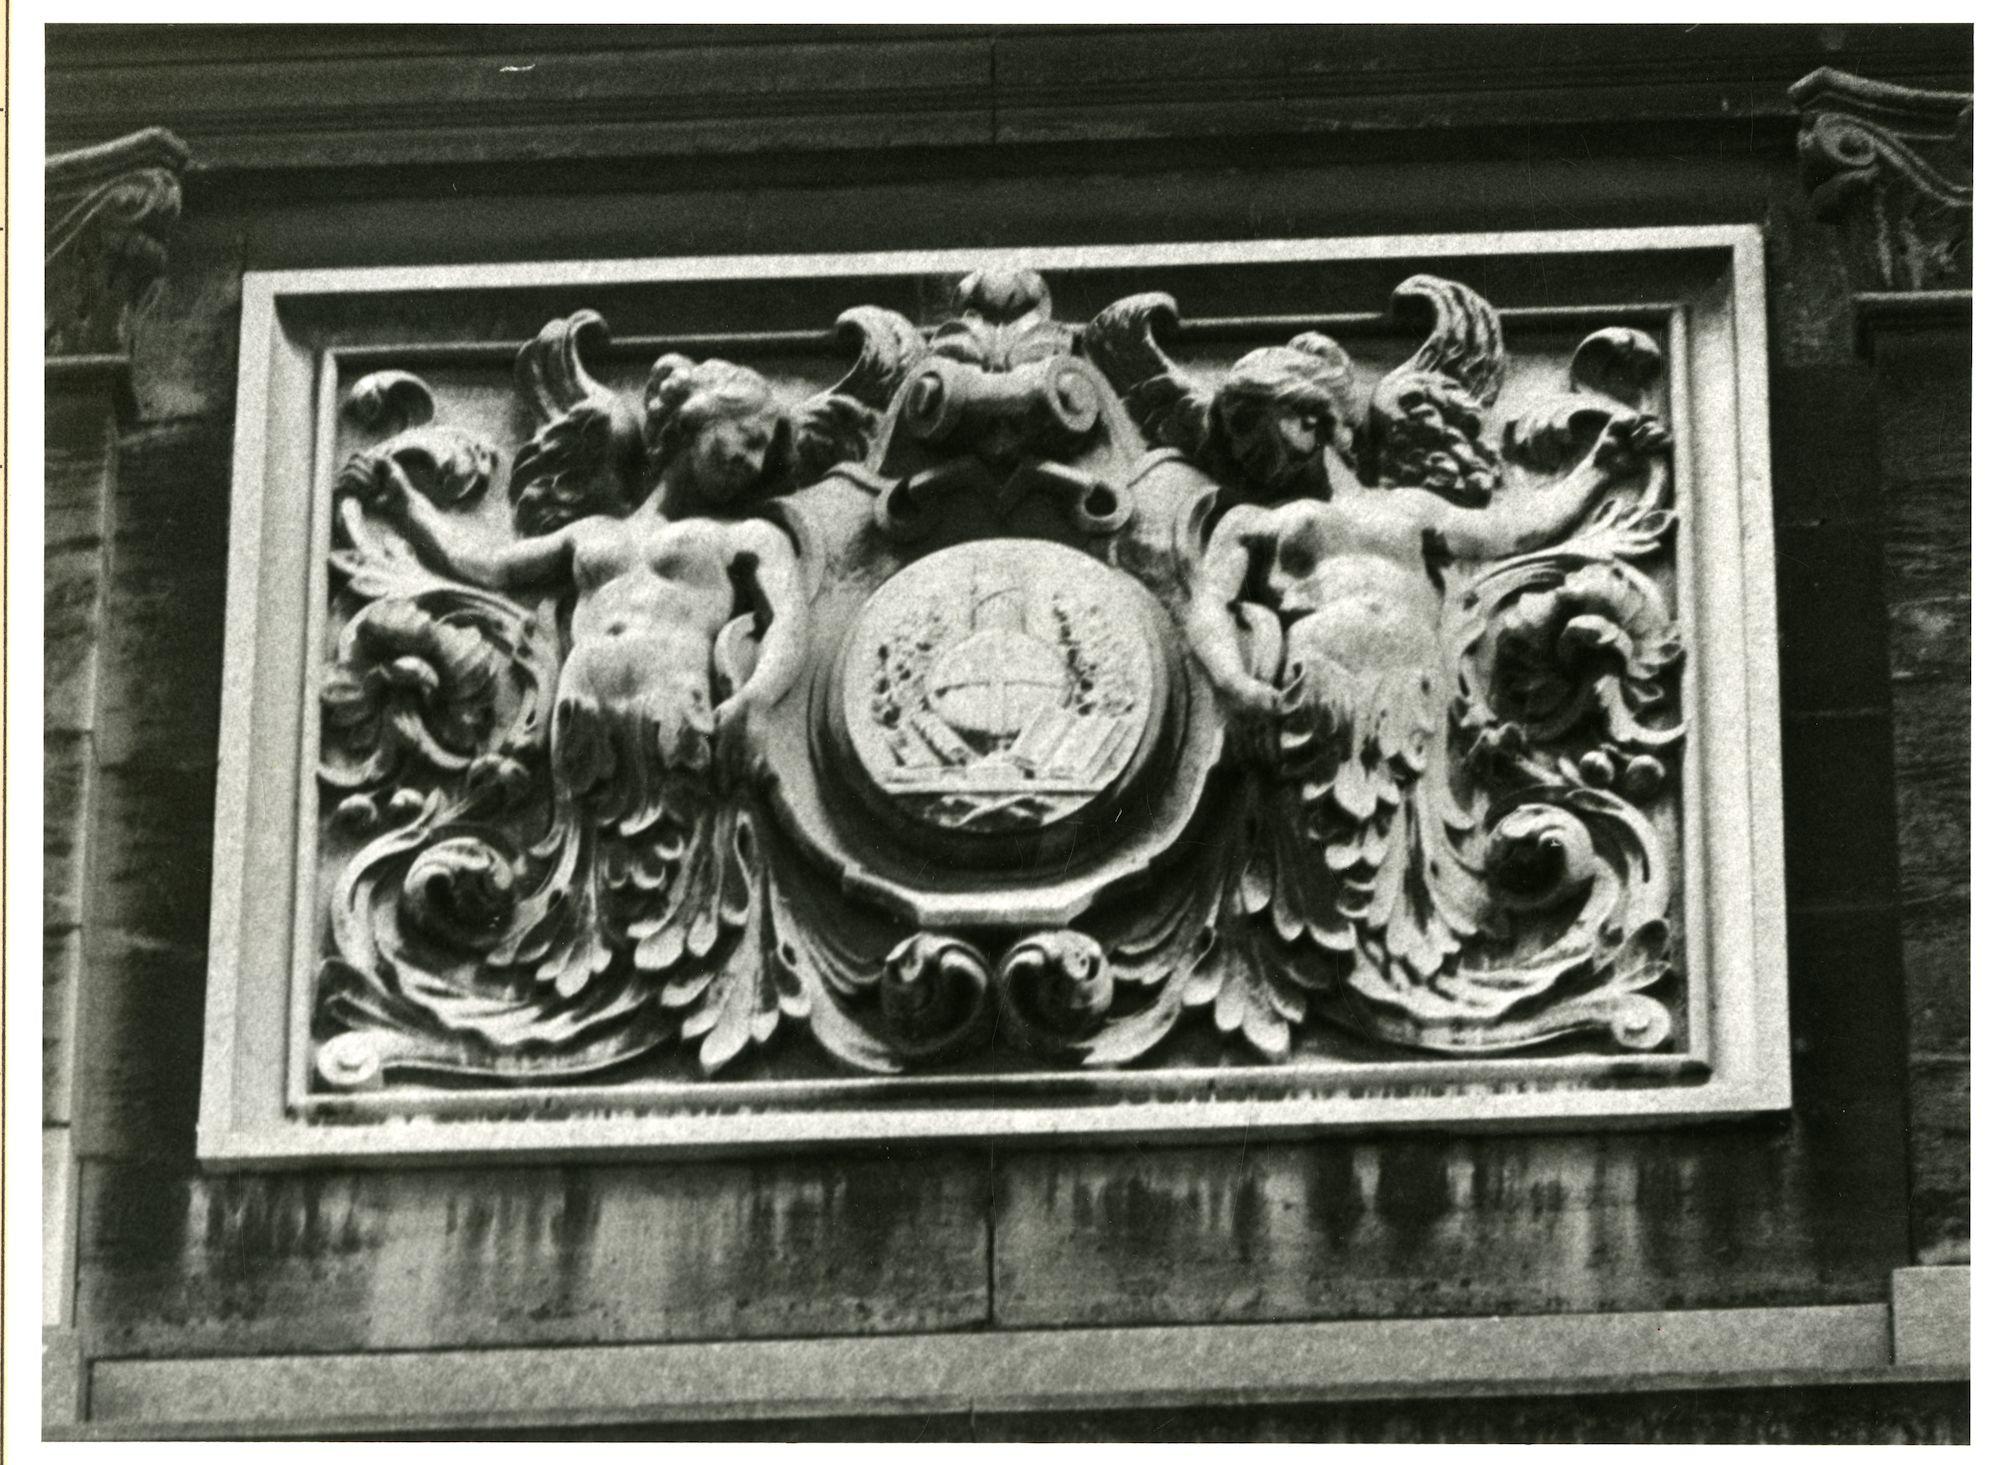 Gent: Jozef Plateaustraat: Beeldhouwwerk, 1981